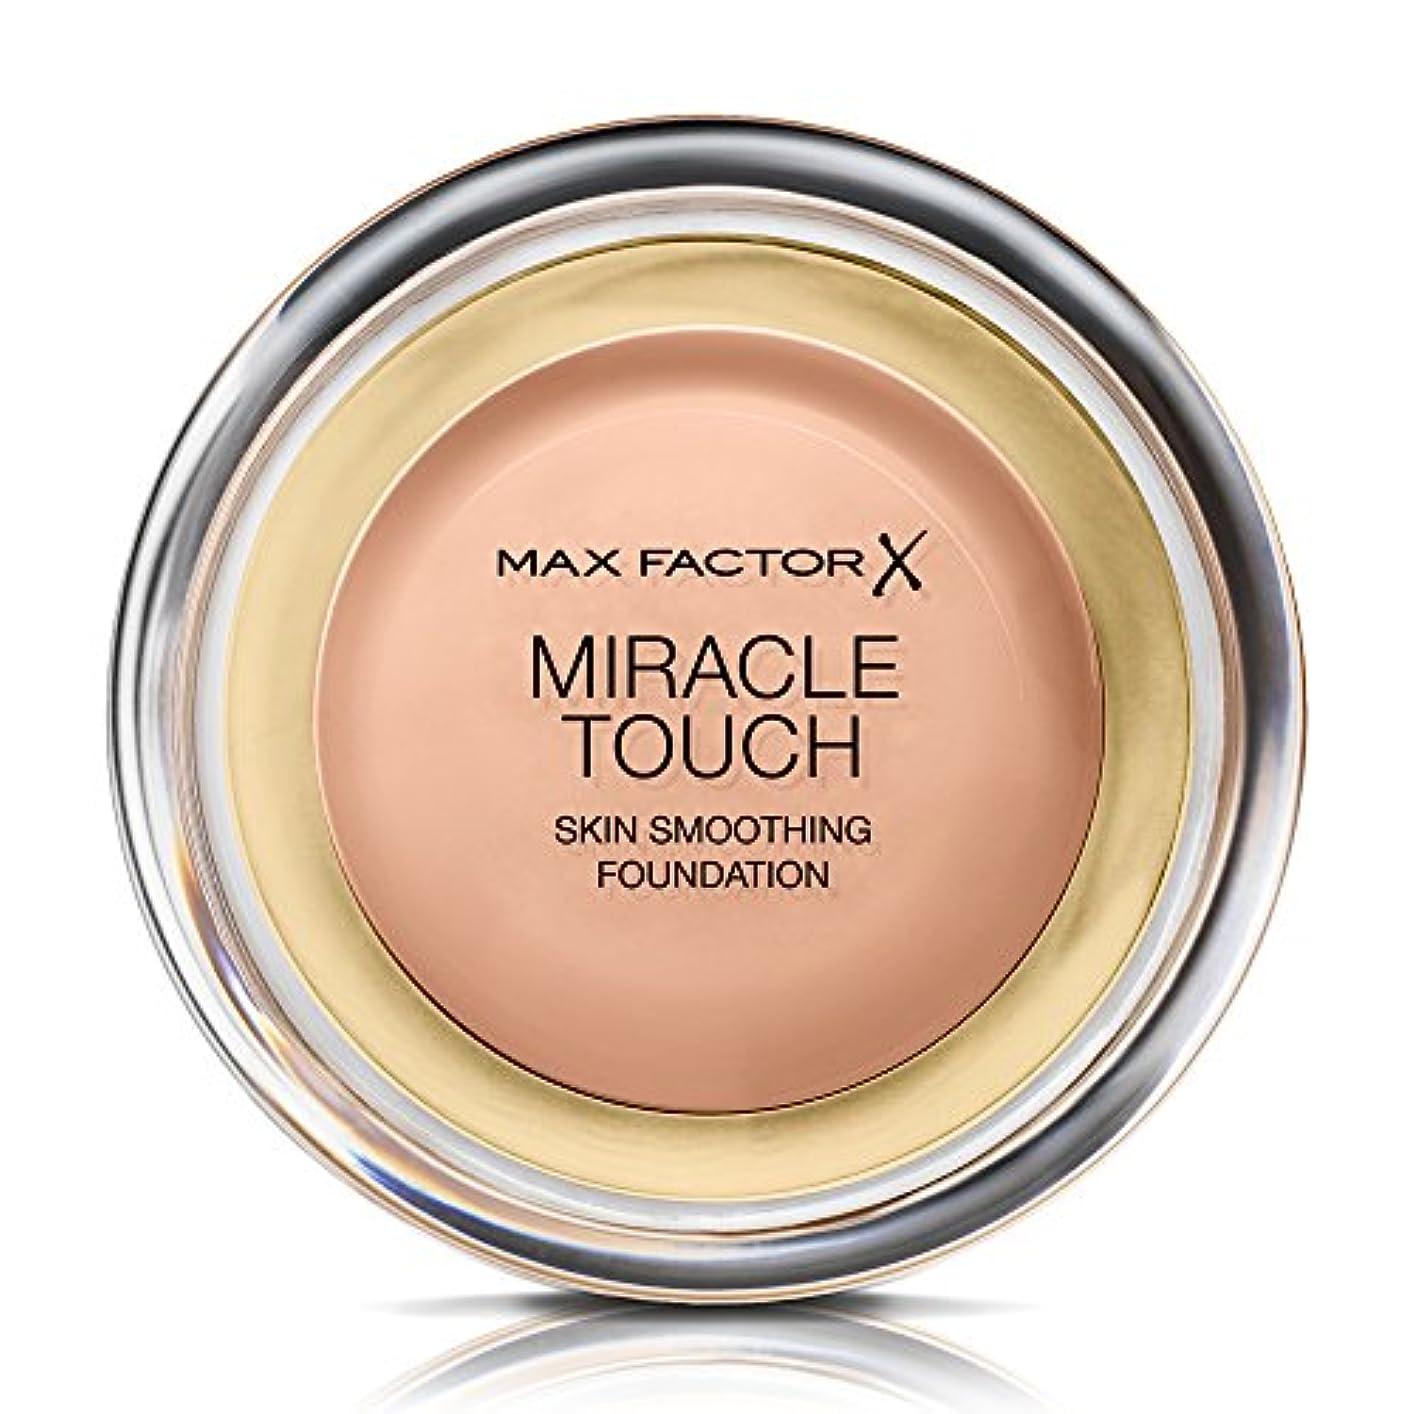 ミシン検出器原稿マックス ファクター ミラクル タッチ スキン スムーズ ファウンデーション - ブラシング ベージュ Max Factor Miracle Touch Skin Smoothing Foundation - Blushing...